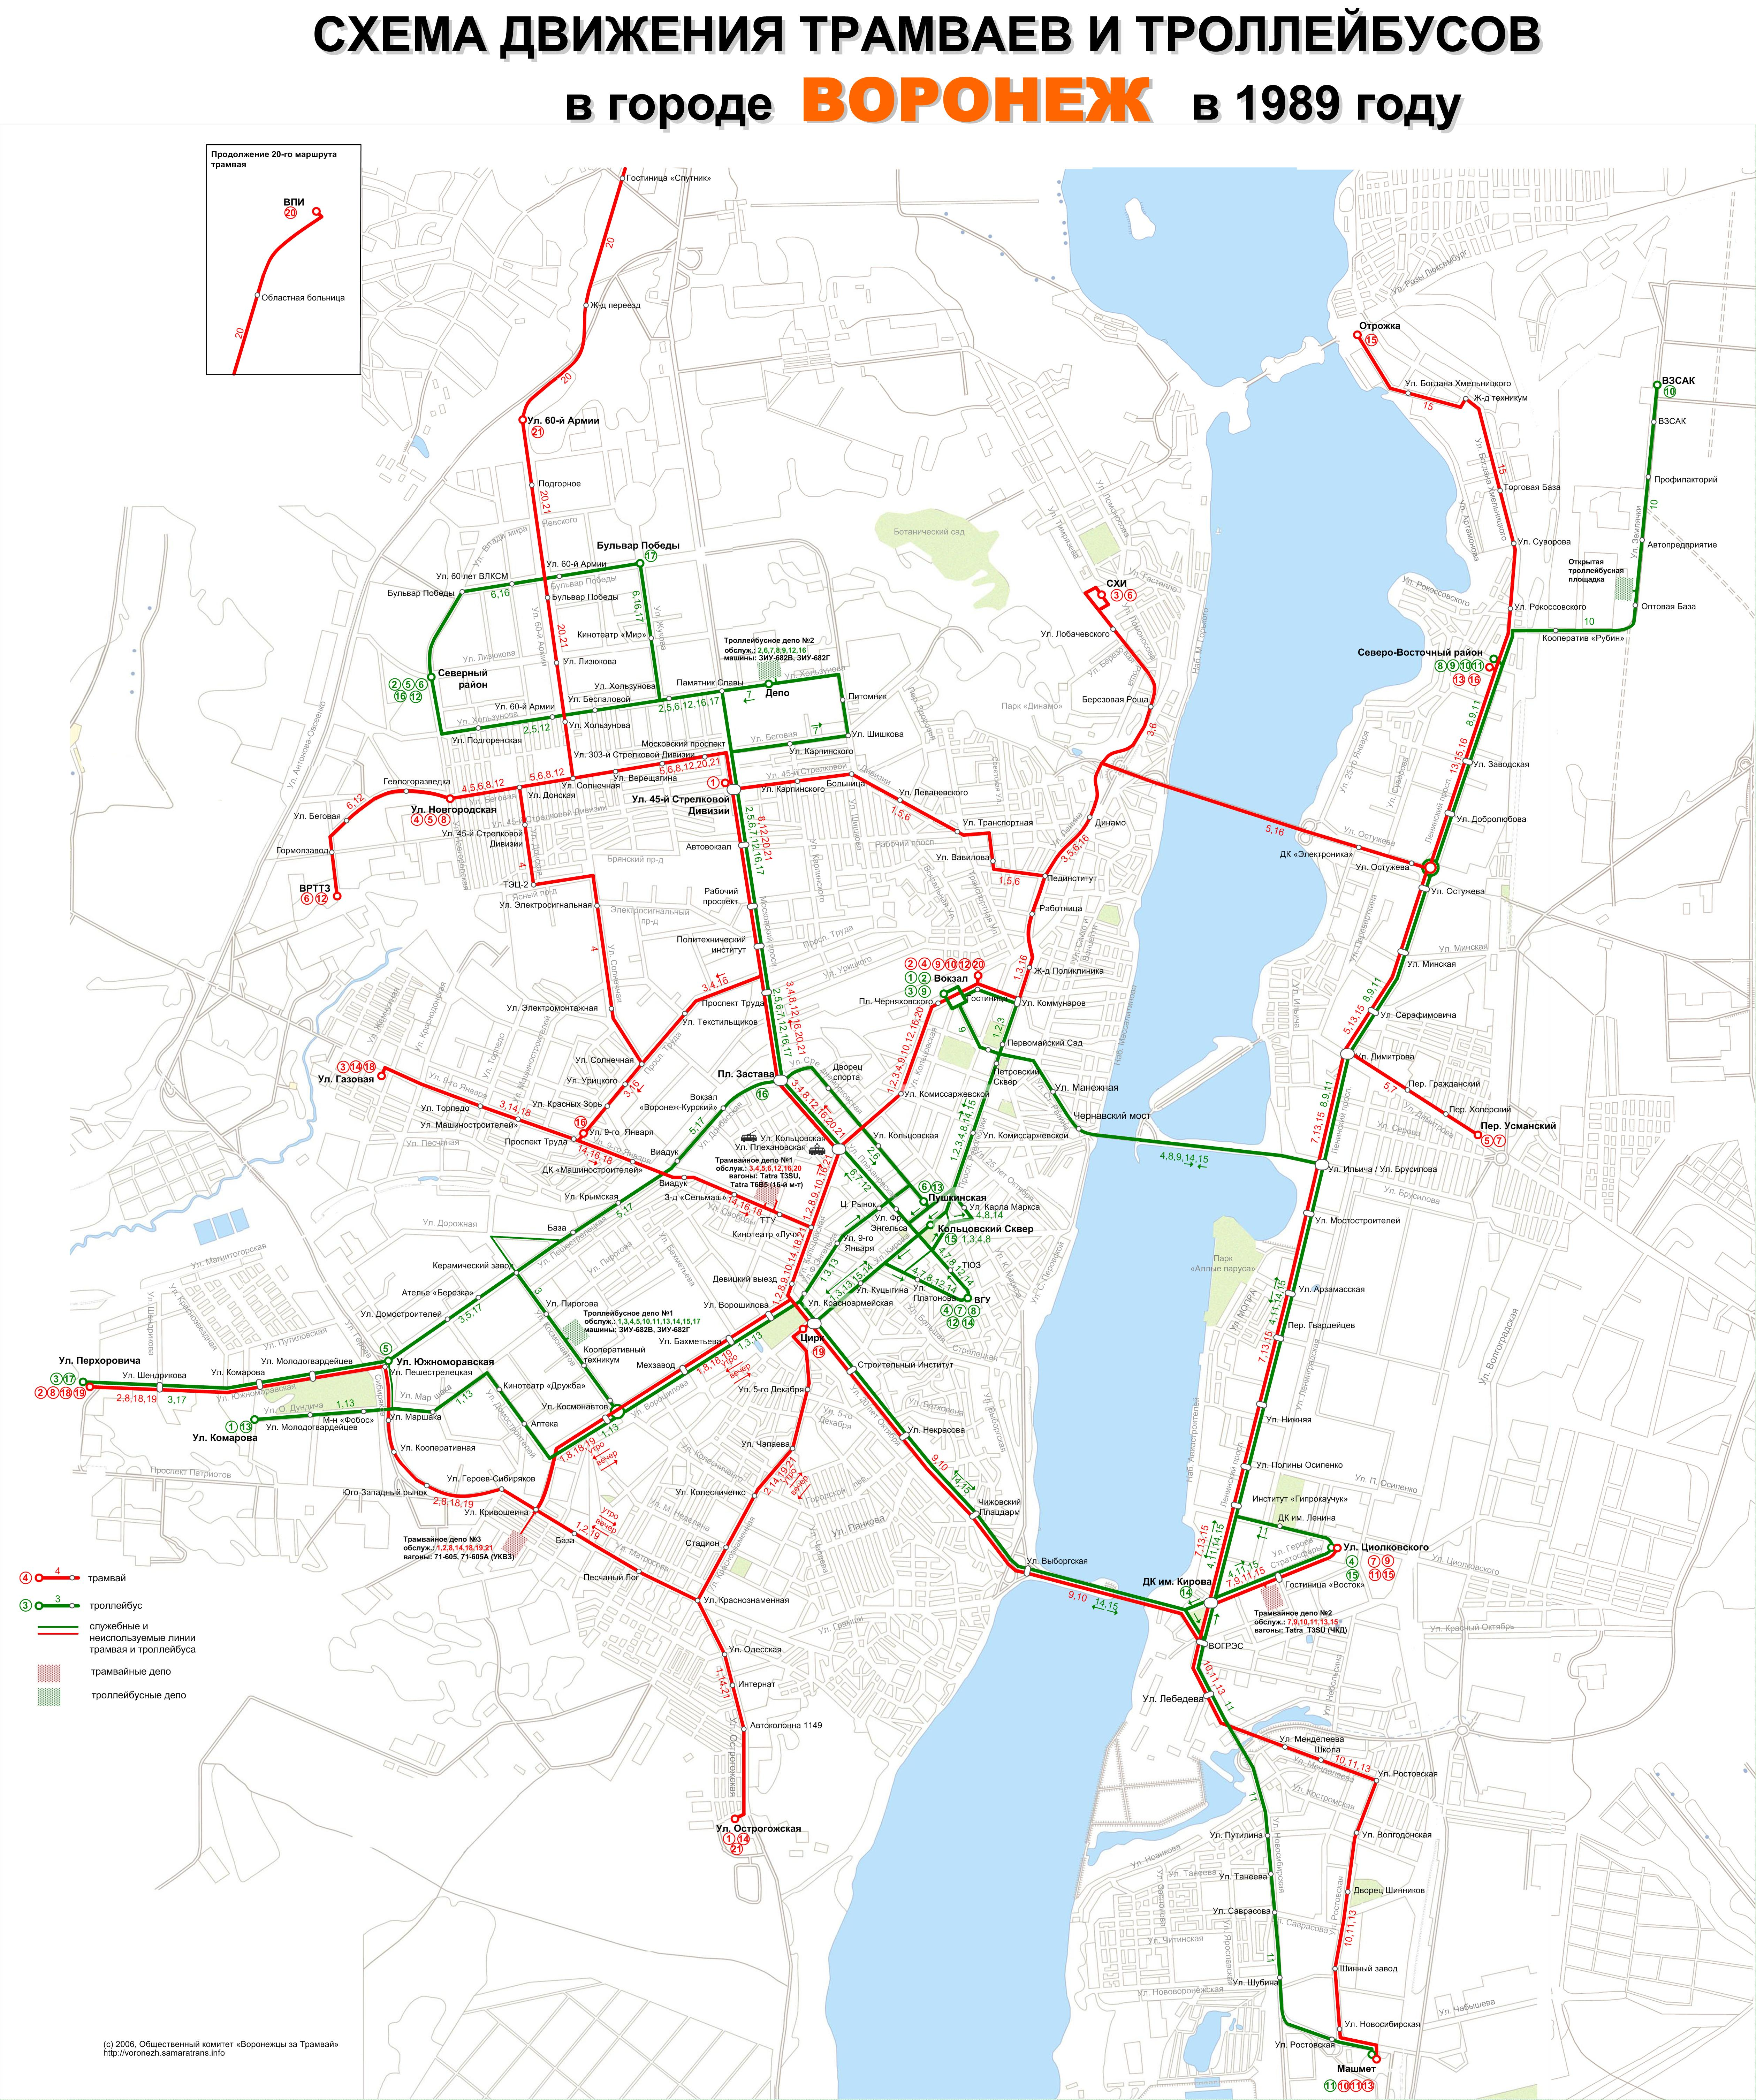 воронеж-ульяновск схема маршрута